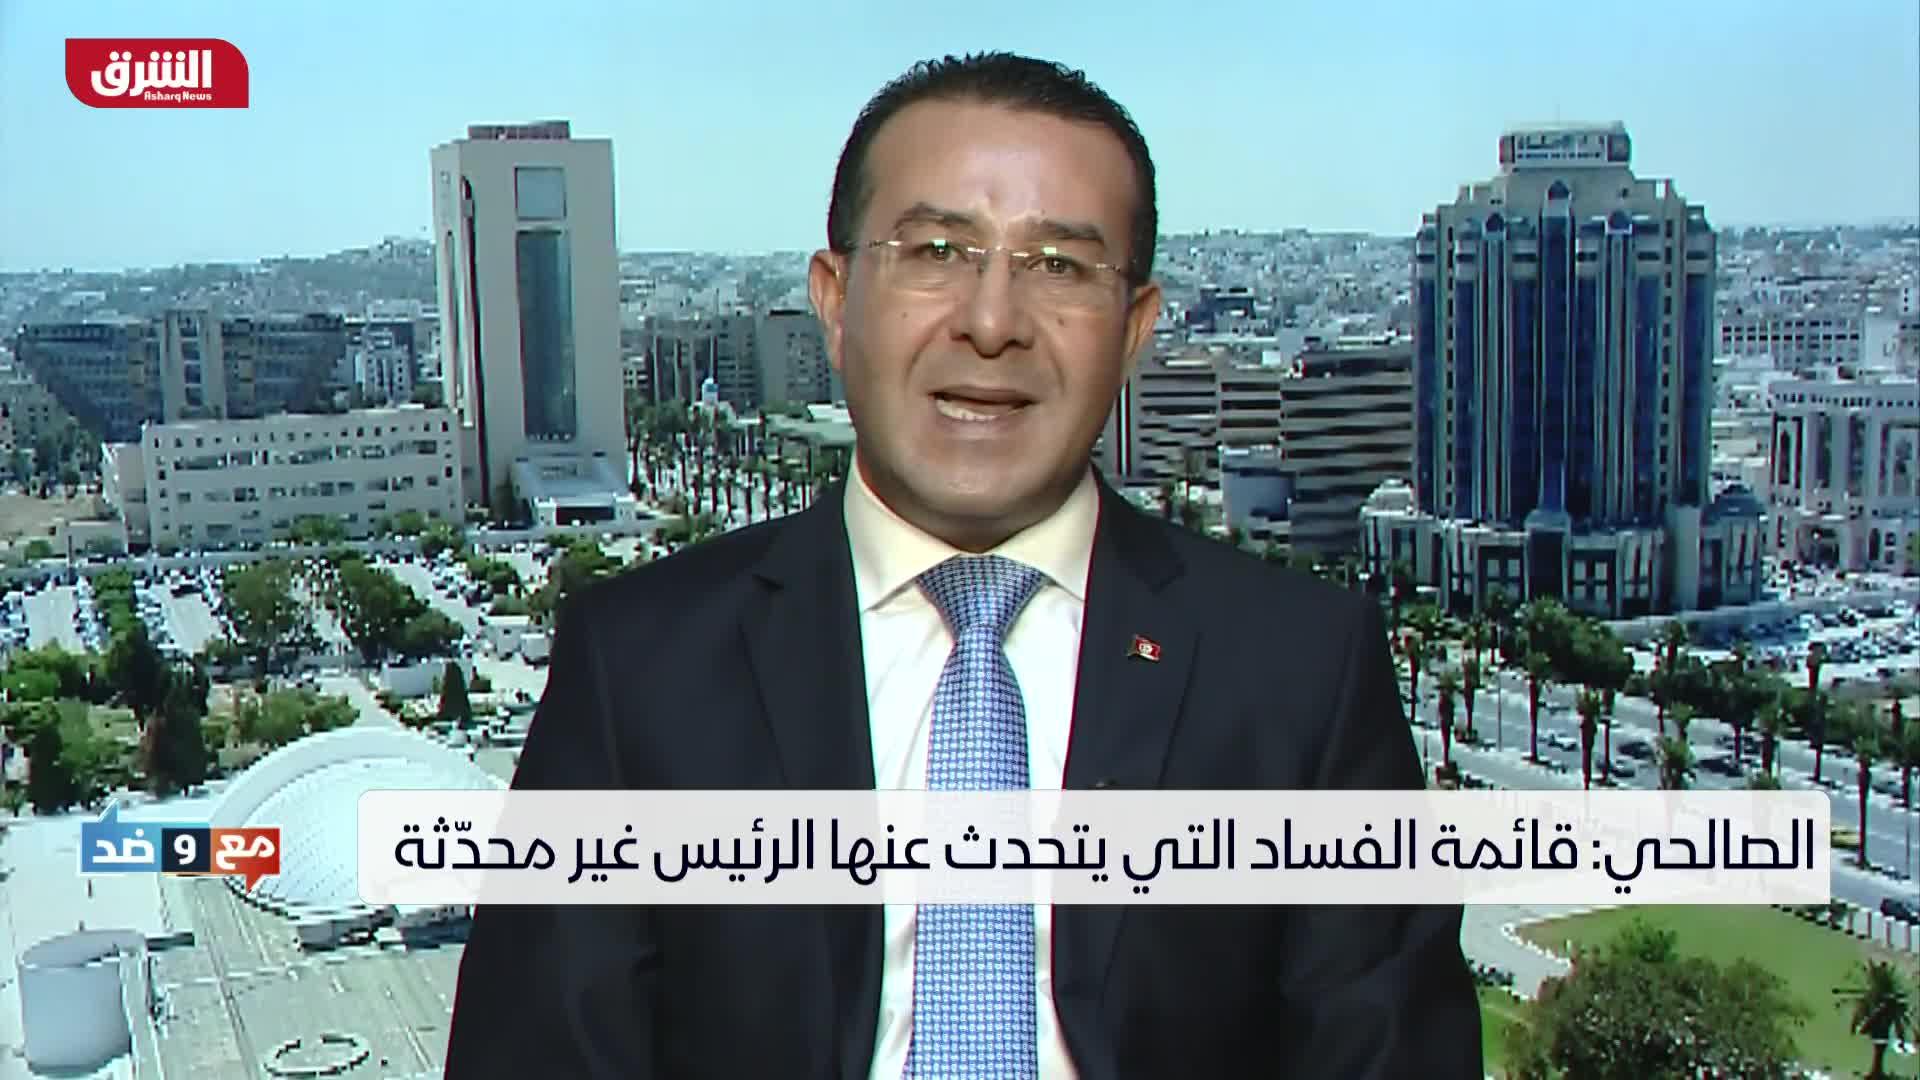 ما هو تقييم  مبادرة الرئيس التونسي من أجل المصالحة مع مهدري المال العام مقابل مشاريع تنموية؟